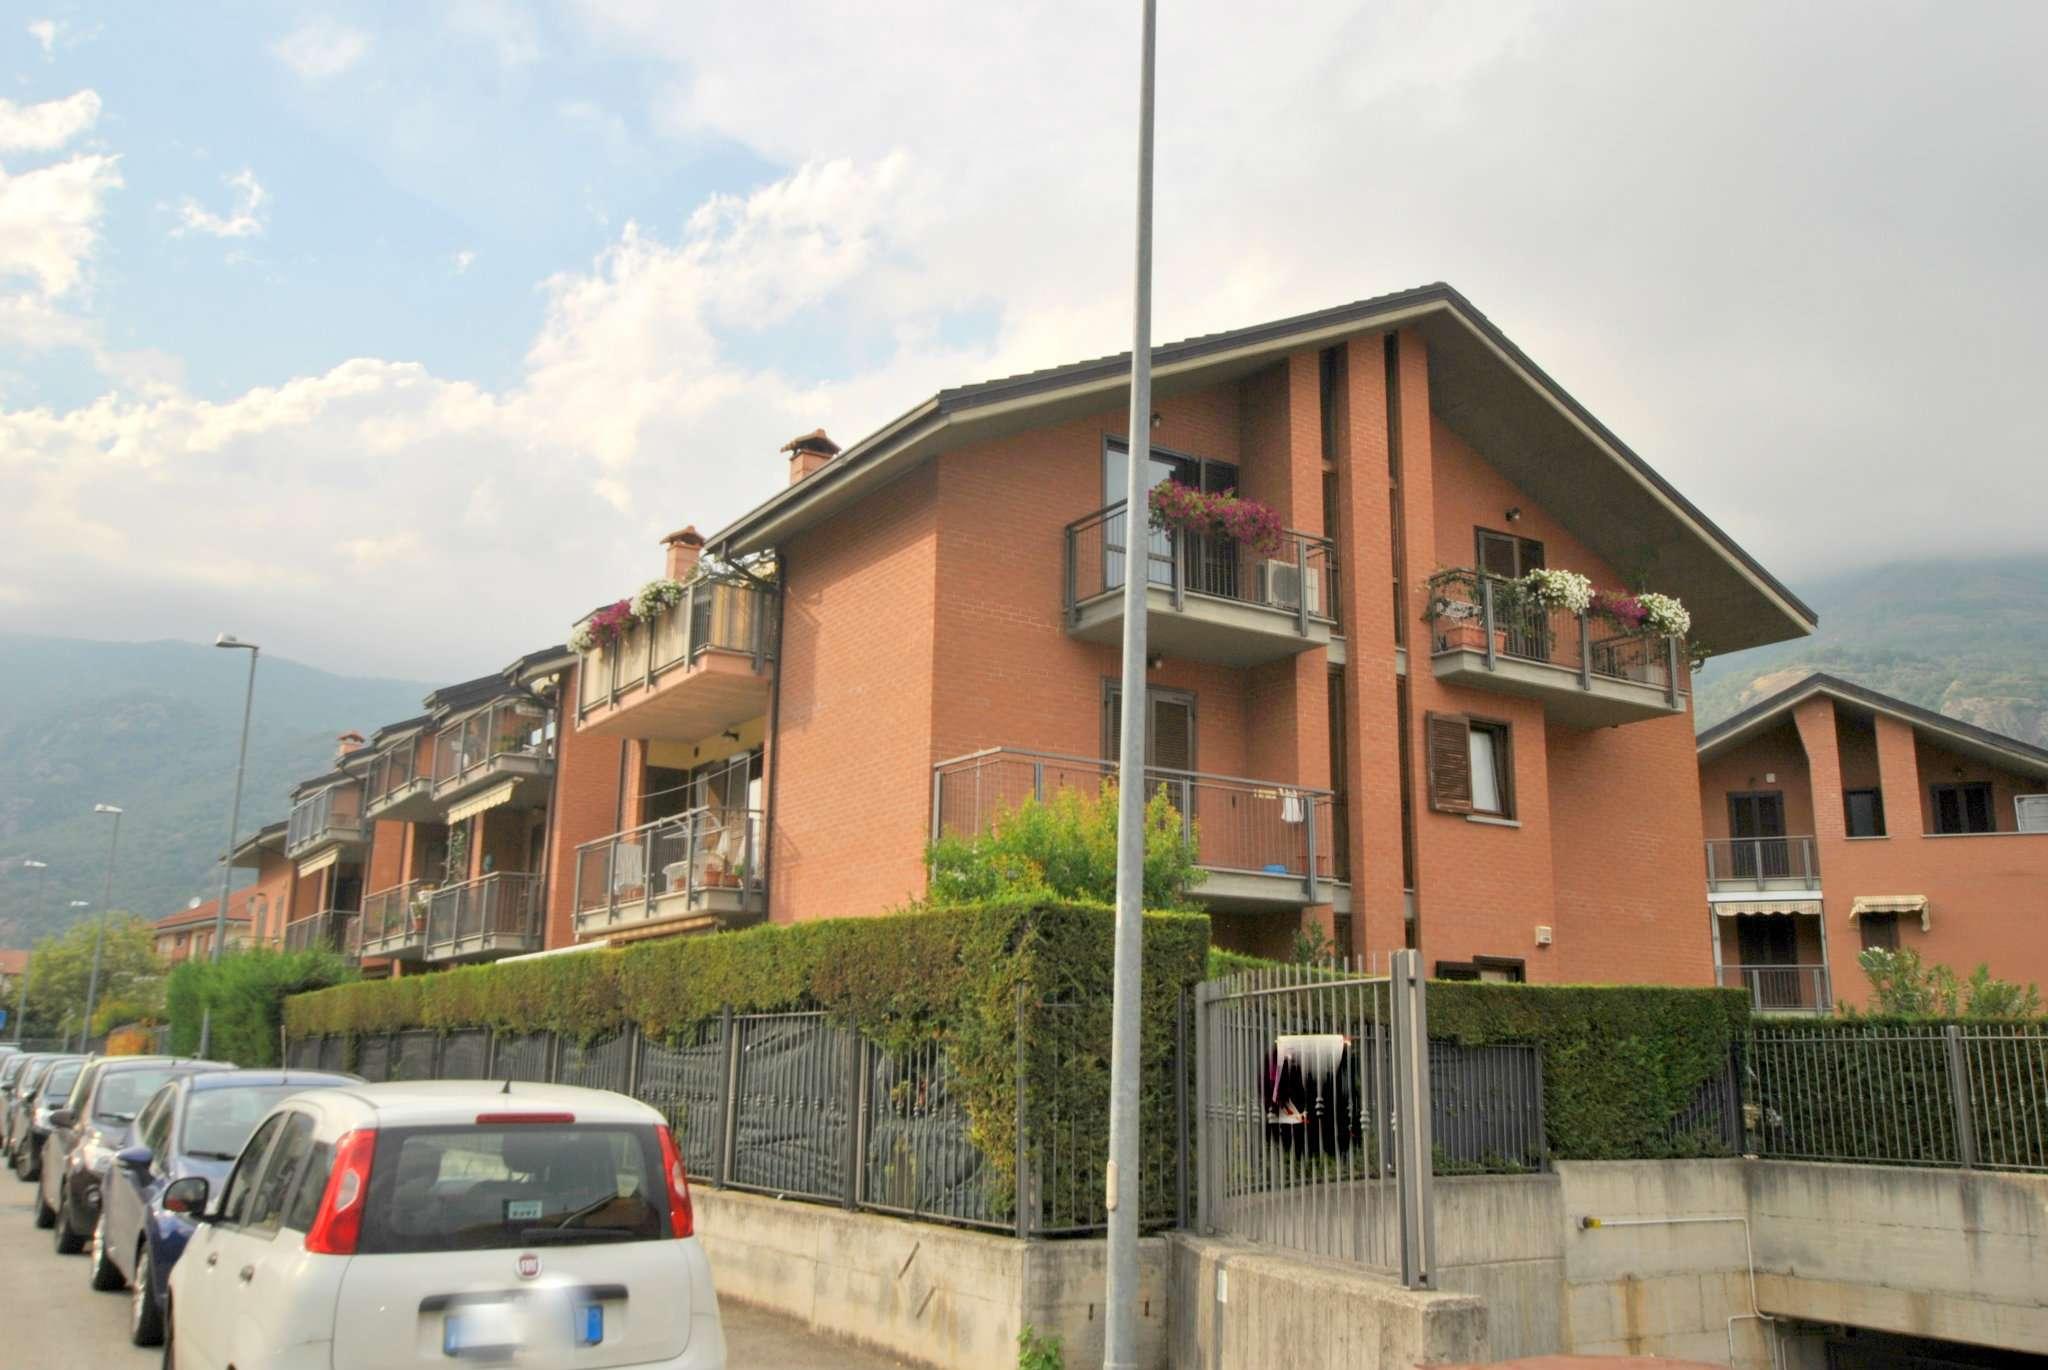 Appartamento in vendita a Condove, 3 locali, prezzo € 160.000 | PortaleAgenzieImmobiliari.it